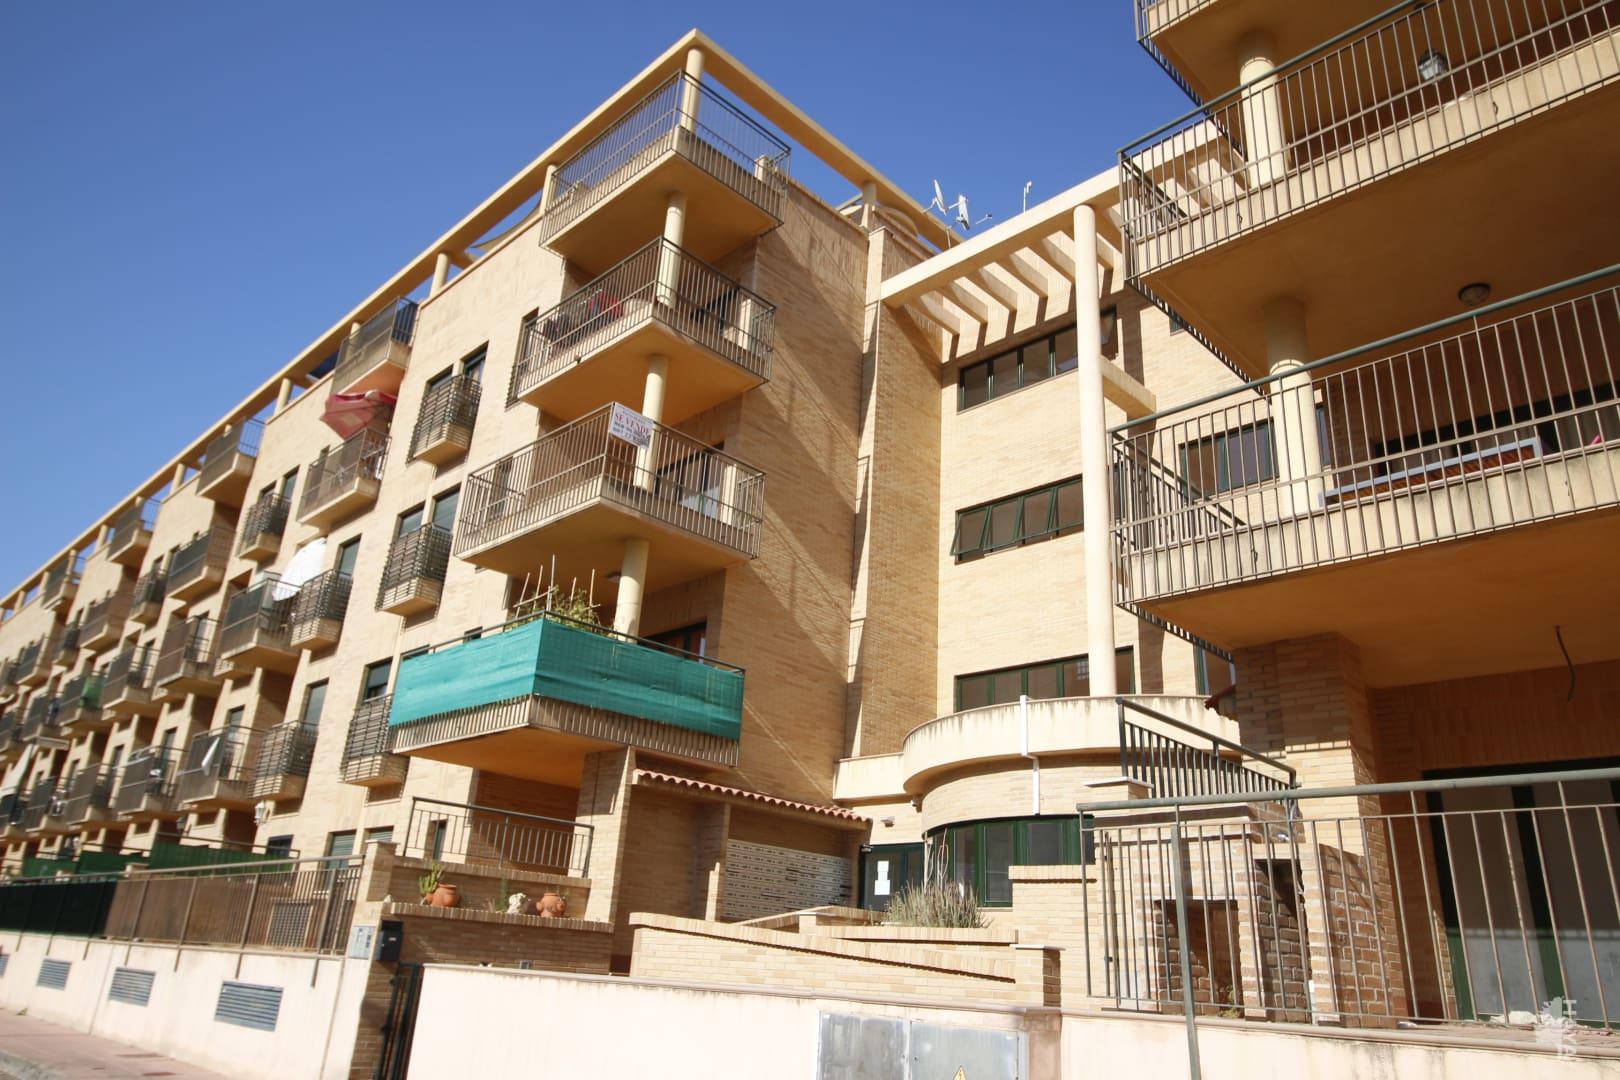 Piso en venta en Villanueva del Río Segura, Murcia, Calle Hinojo, 65.160 €, 2 habitaciones, 2 baños, 74 m2